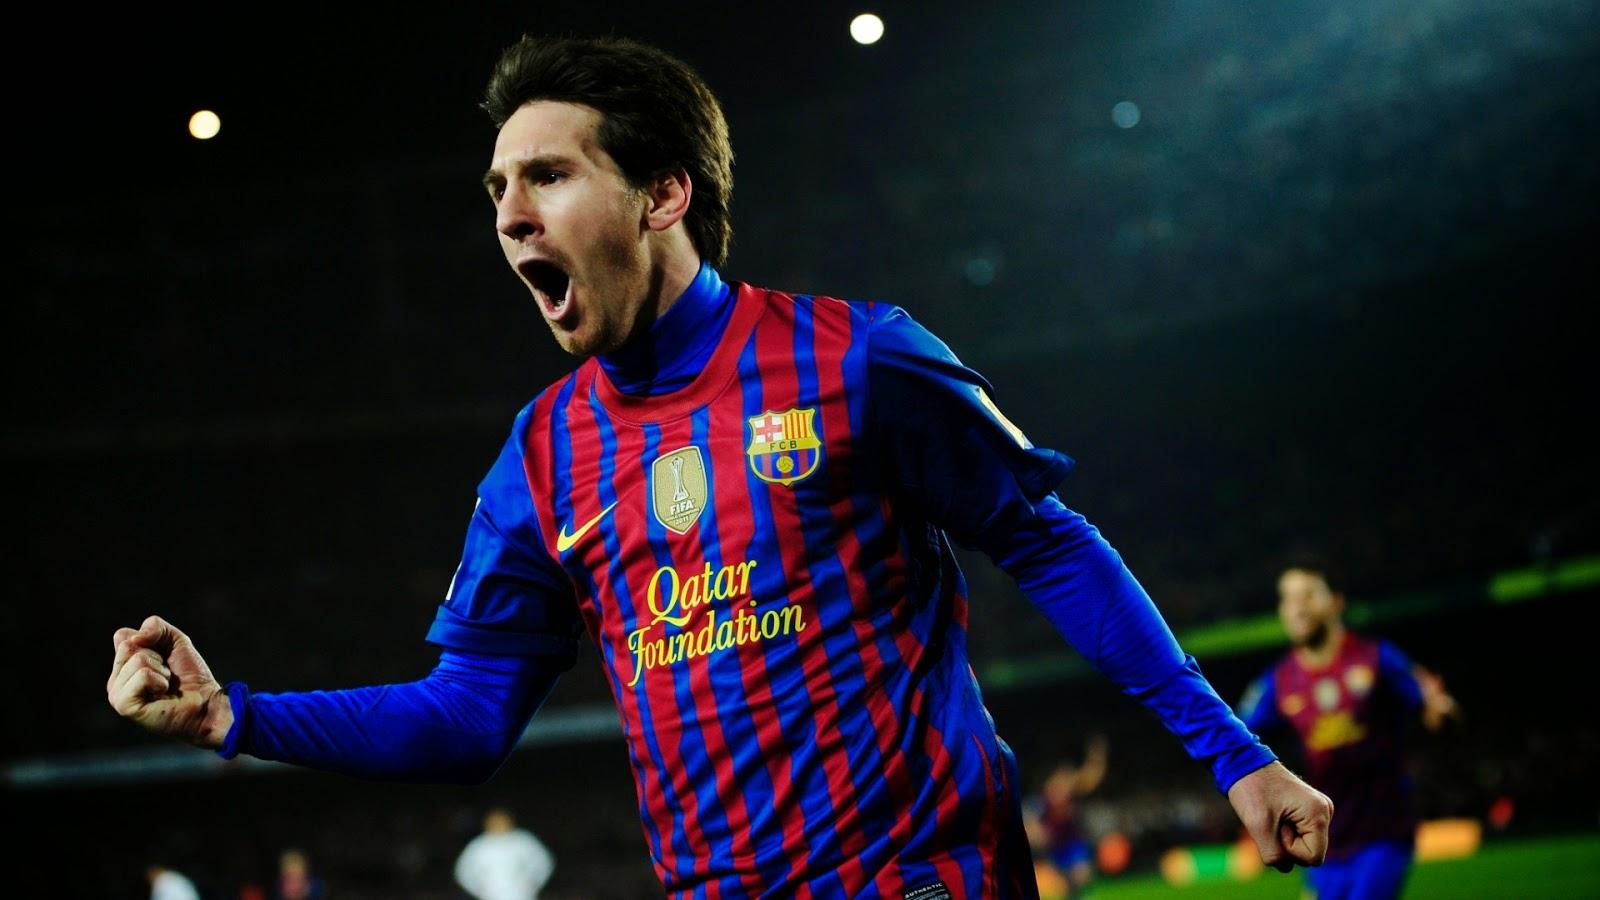 Lionel Messi Full Size Hd: Wallpaper Full HD Messi